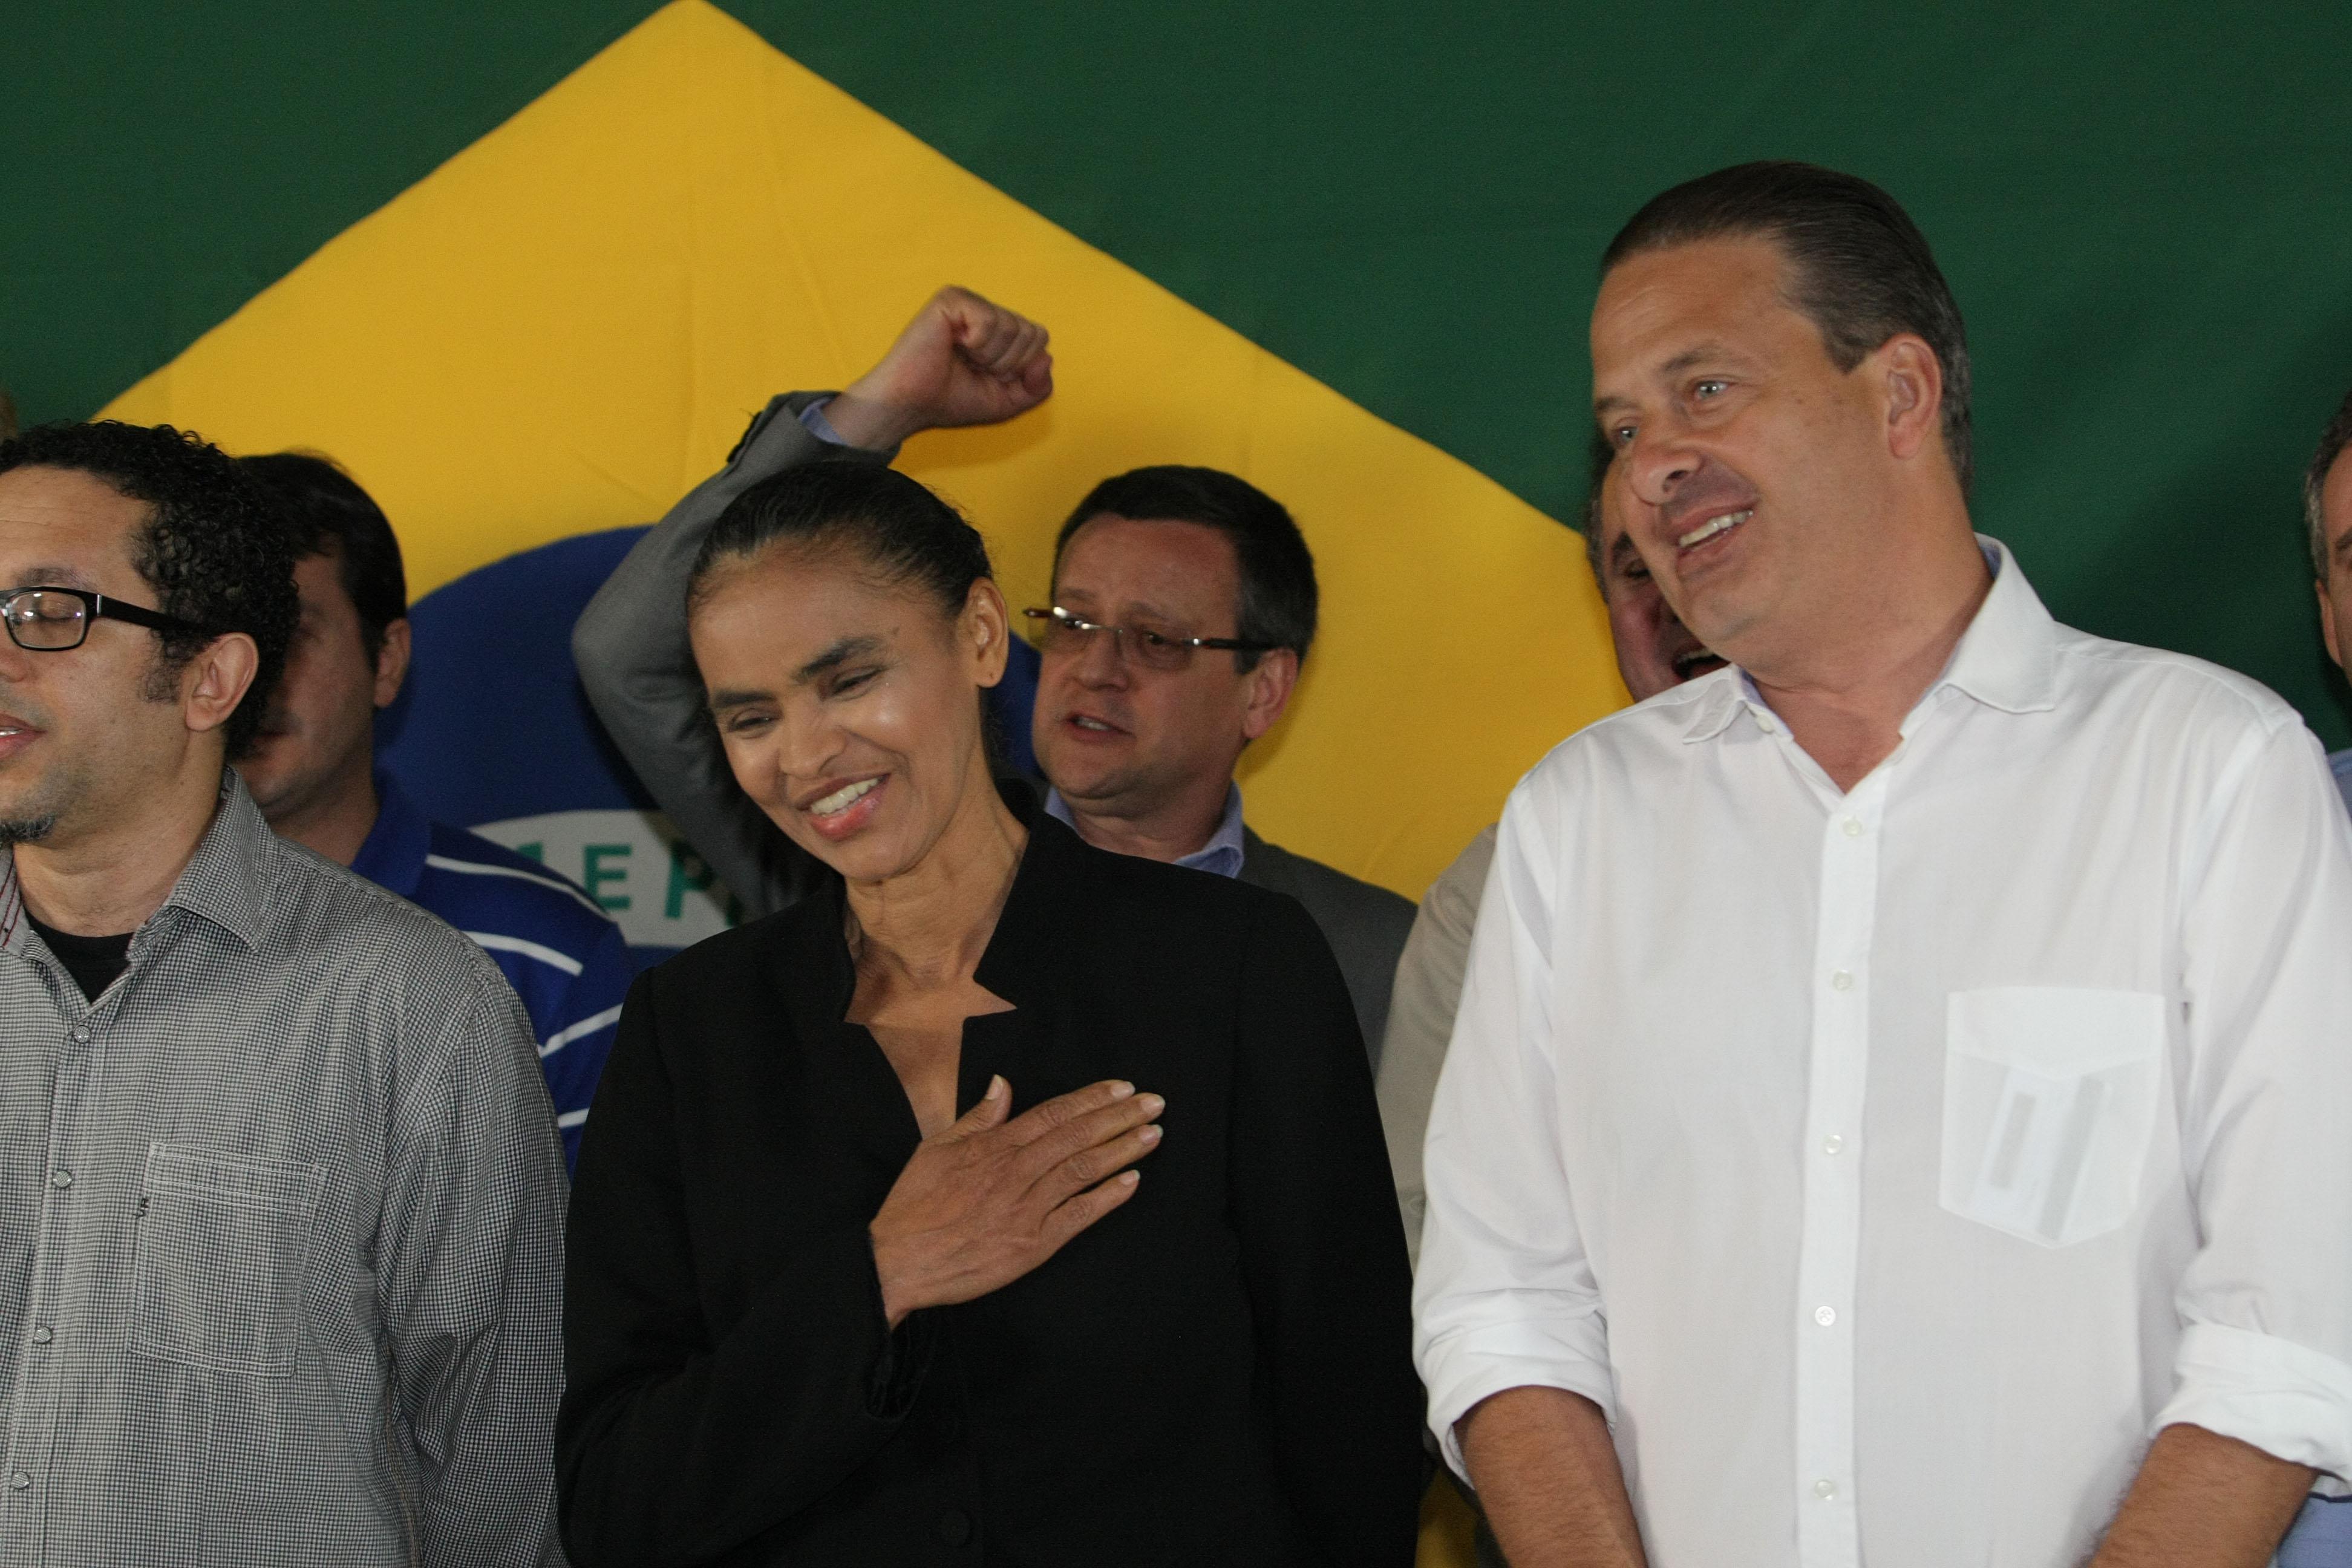 Eleições 2014: Novos cenários se abrem com união entre Campos e Marina Silva